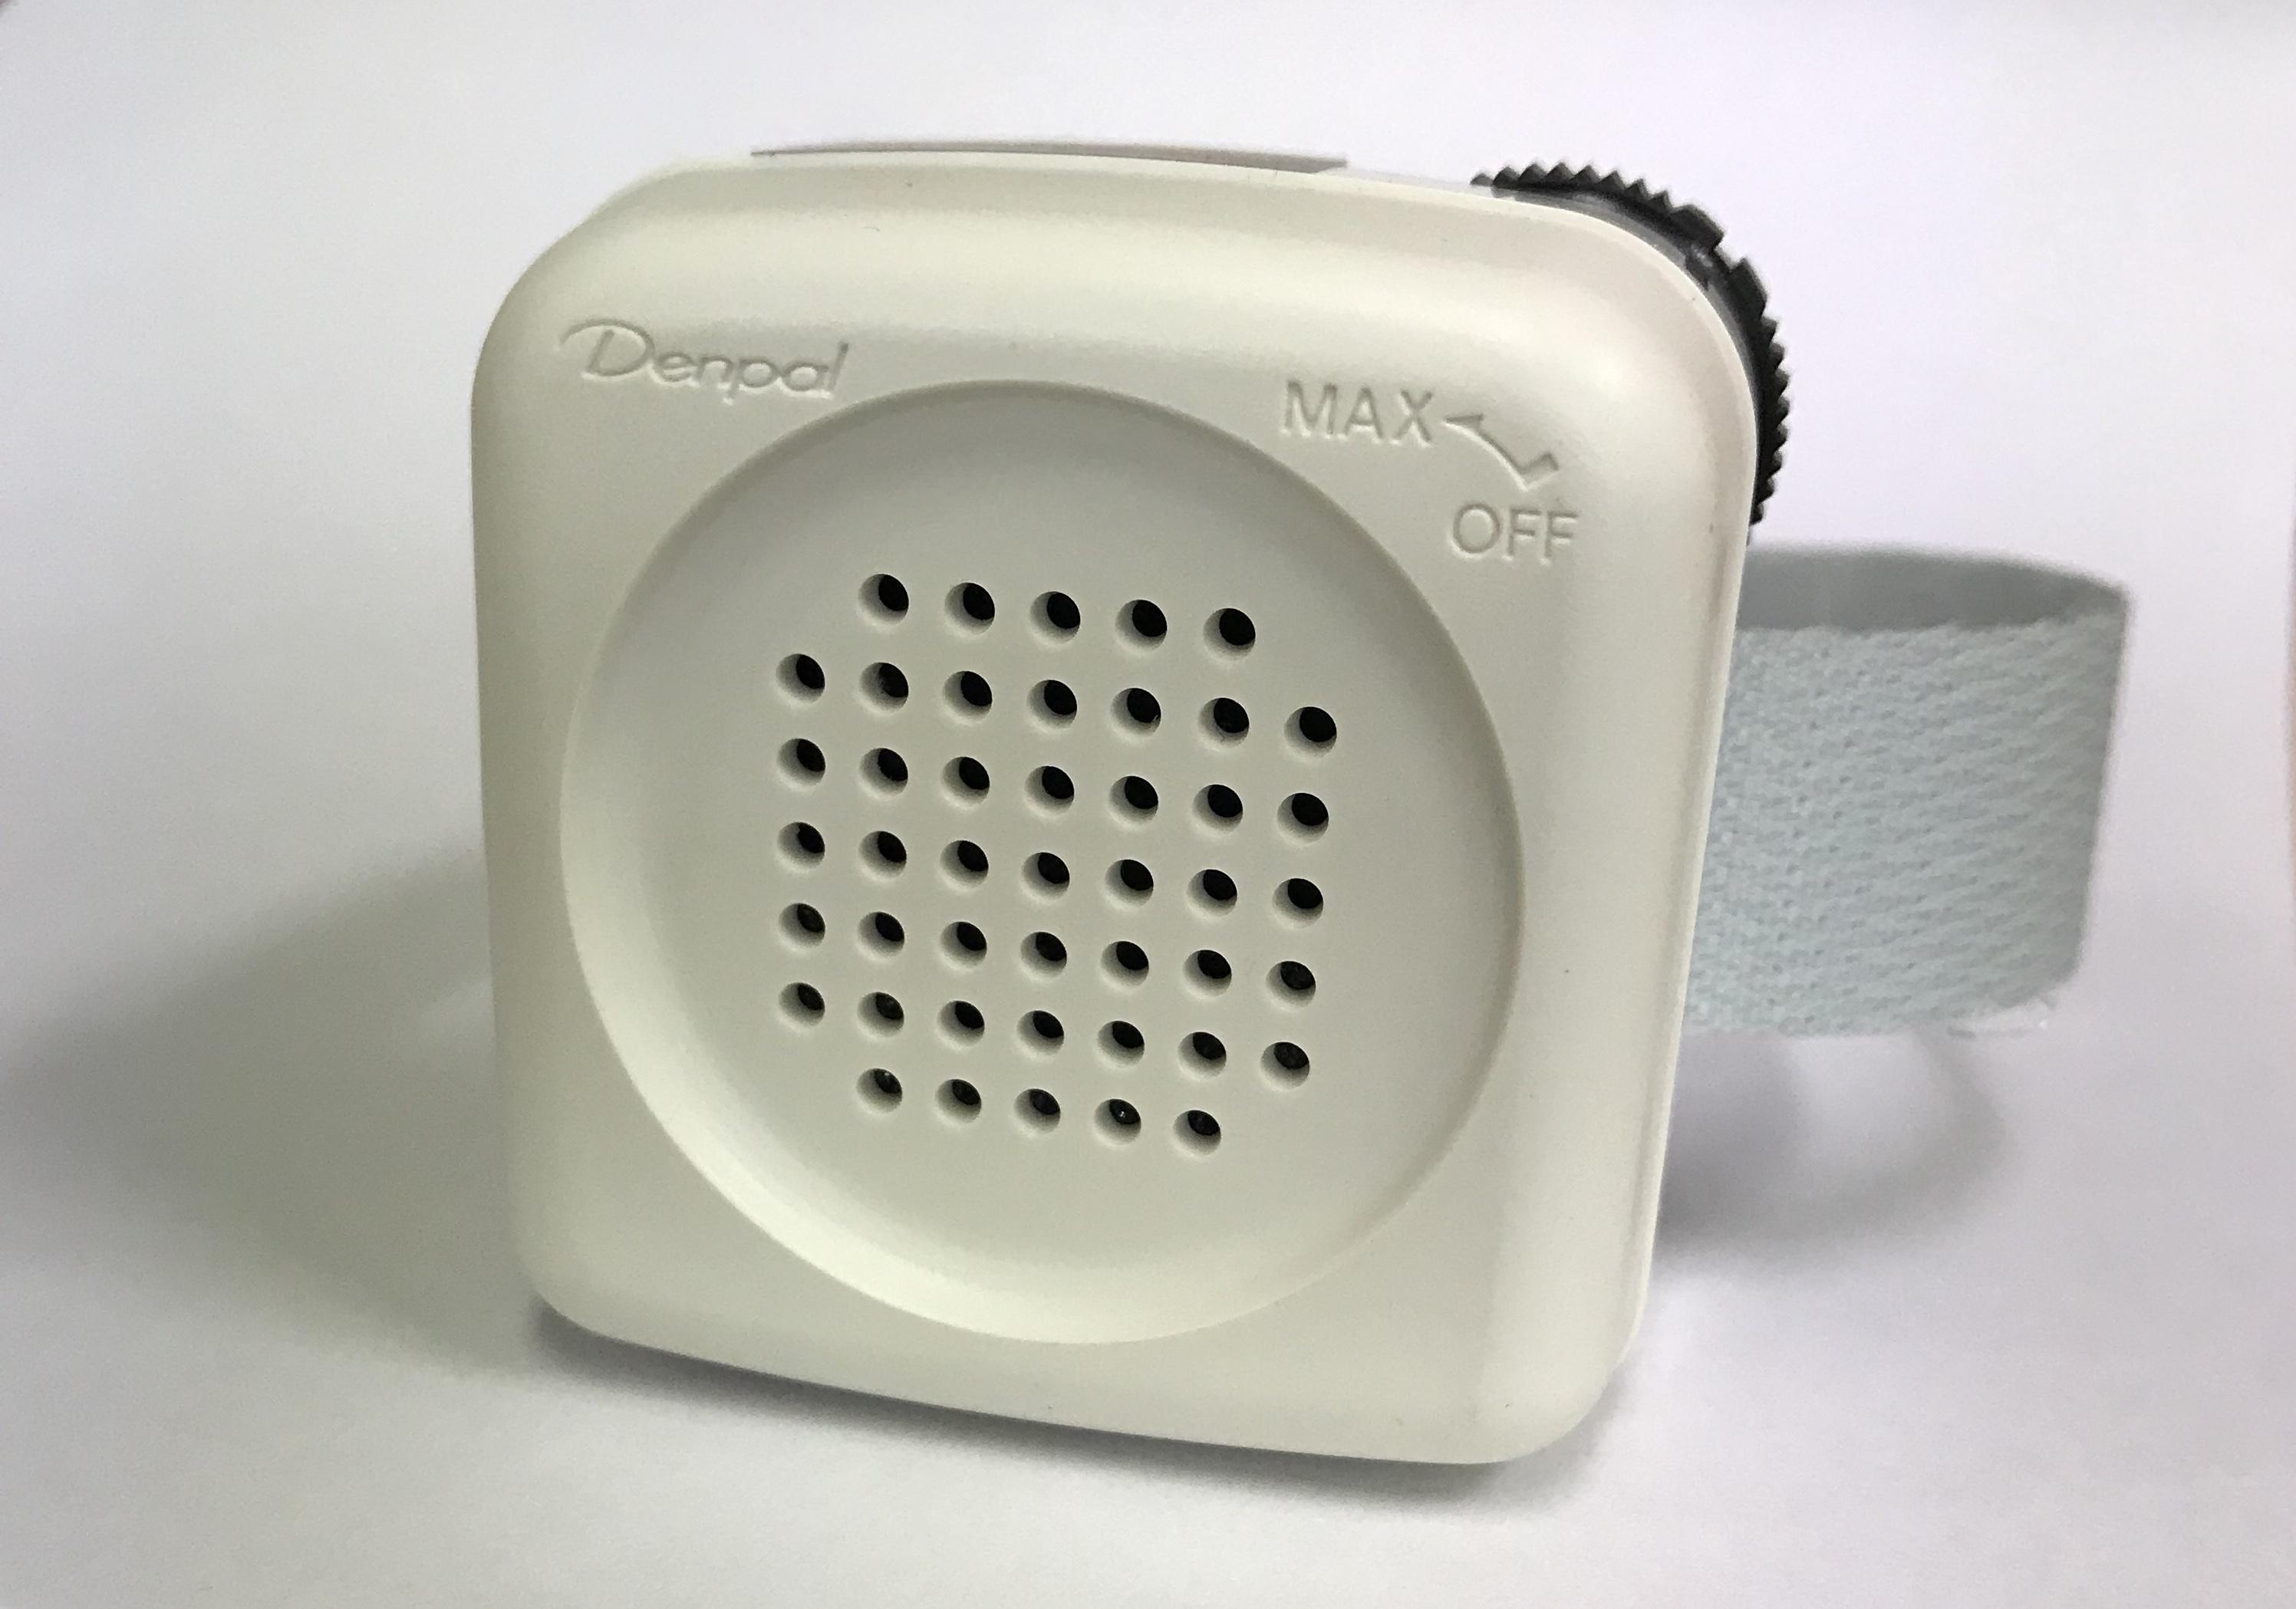 かんたん装着!電話拡声器 デンパル TA-800